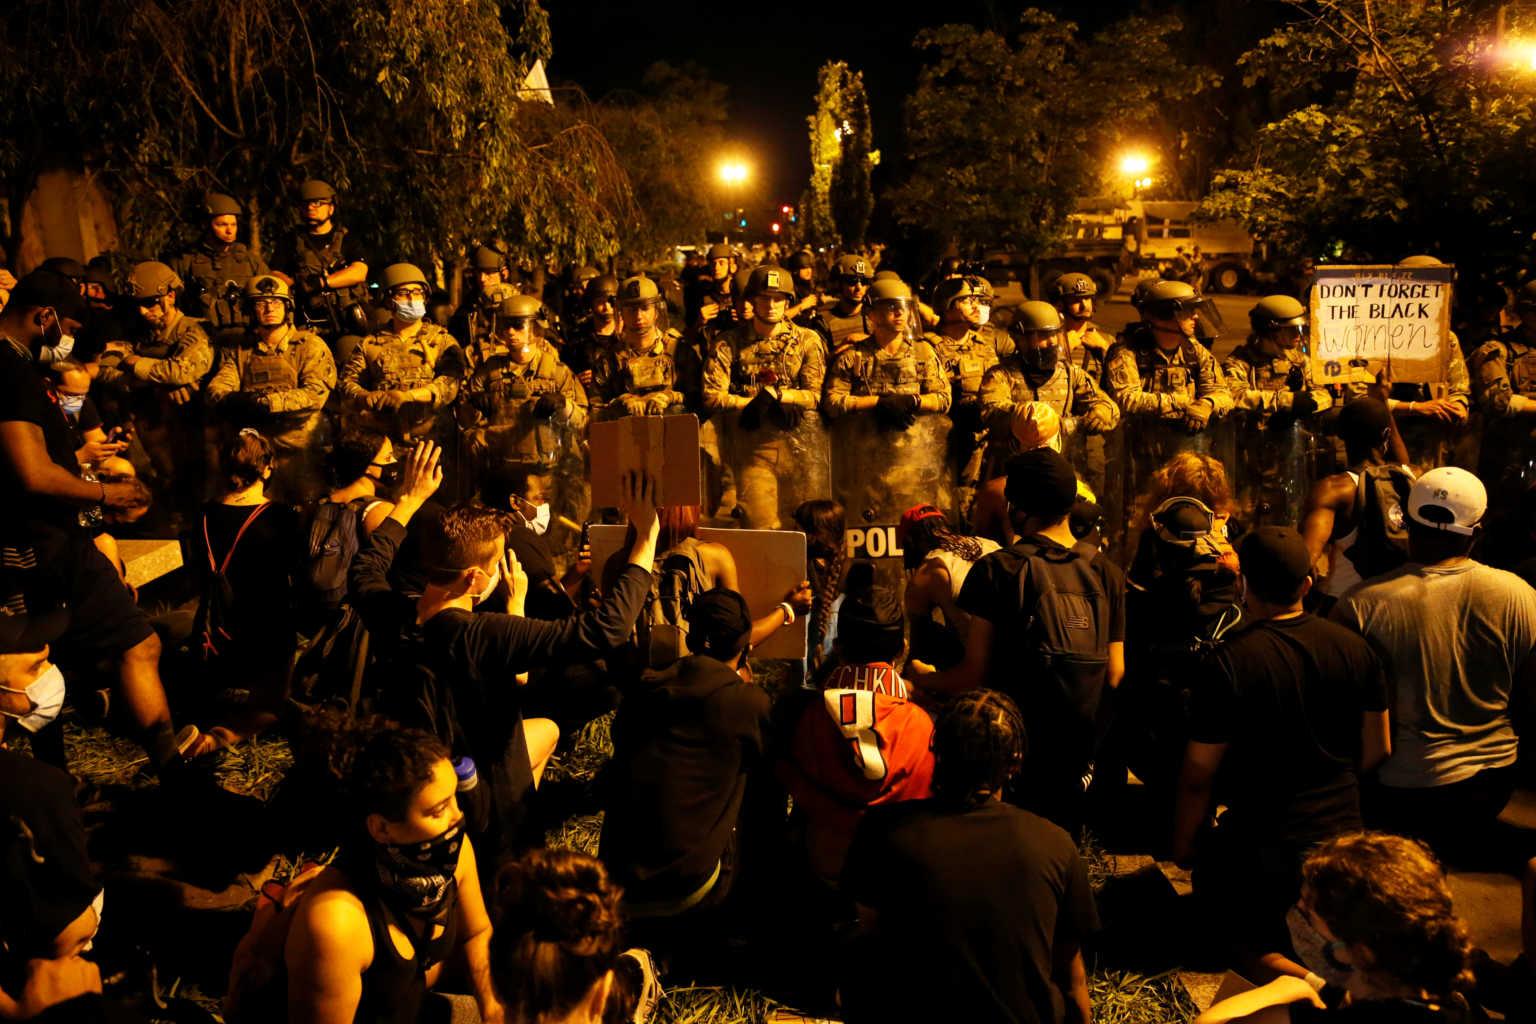 ΗΠΑ: Άλλο ένα βράδυ μαζικών διαδηλώσεων – Τα… μαζεύει ο Τραμπ: Δεν θα βγει στρατός στους δρόμους (video)